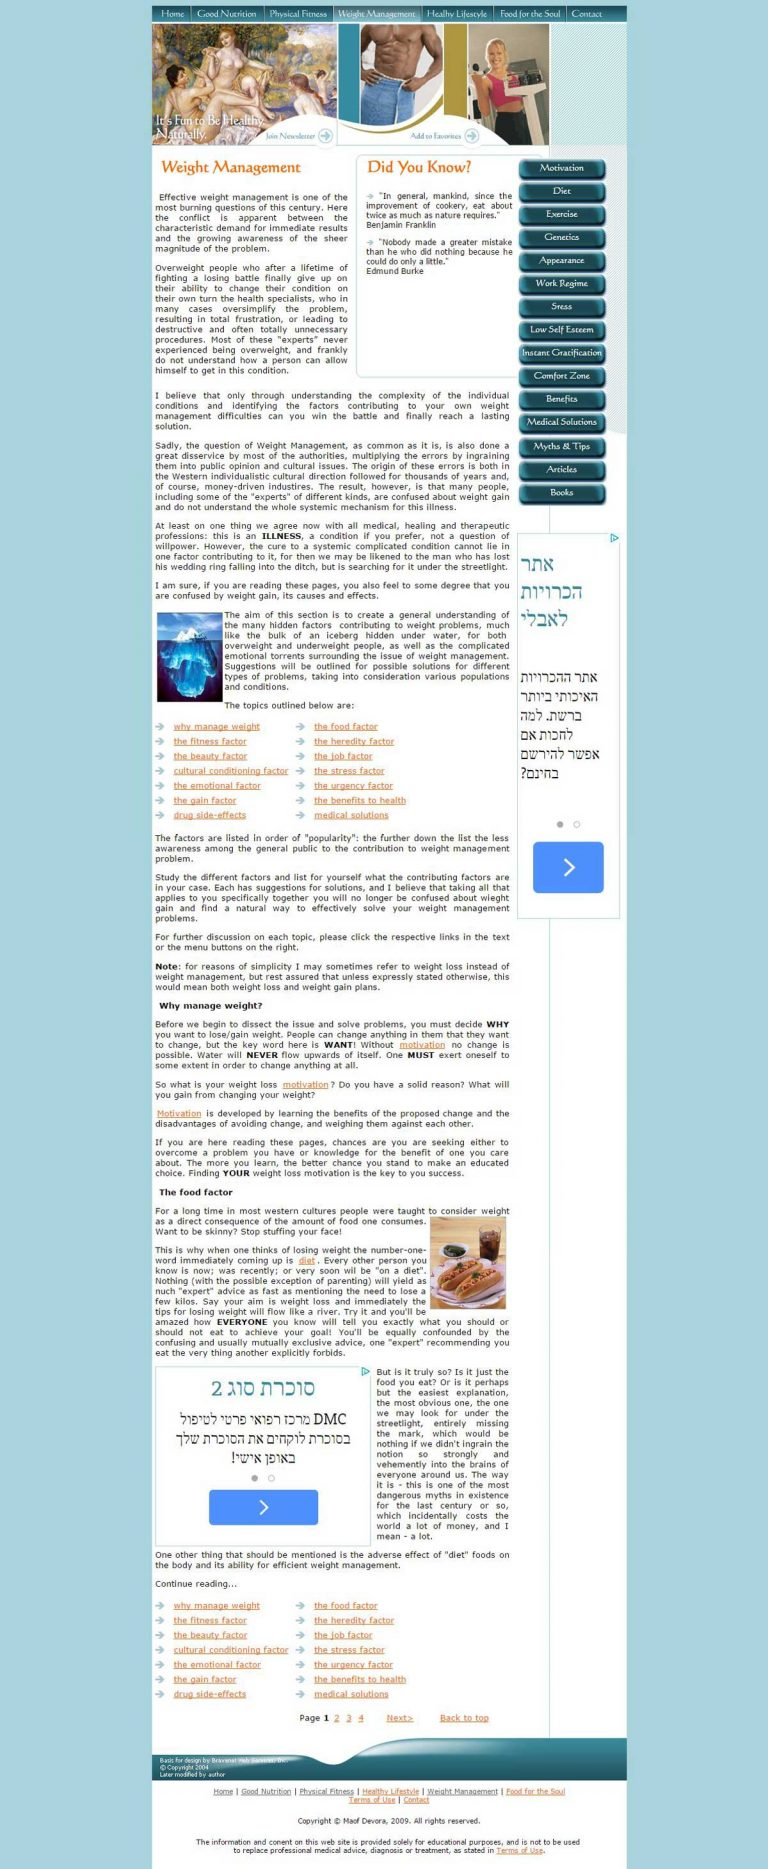 צילום מסך אתר שיווקי עמוד שמירה על המשקל